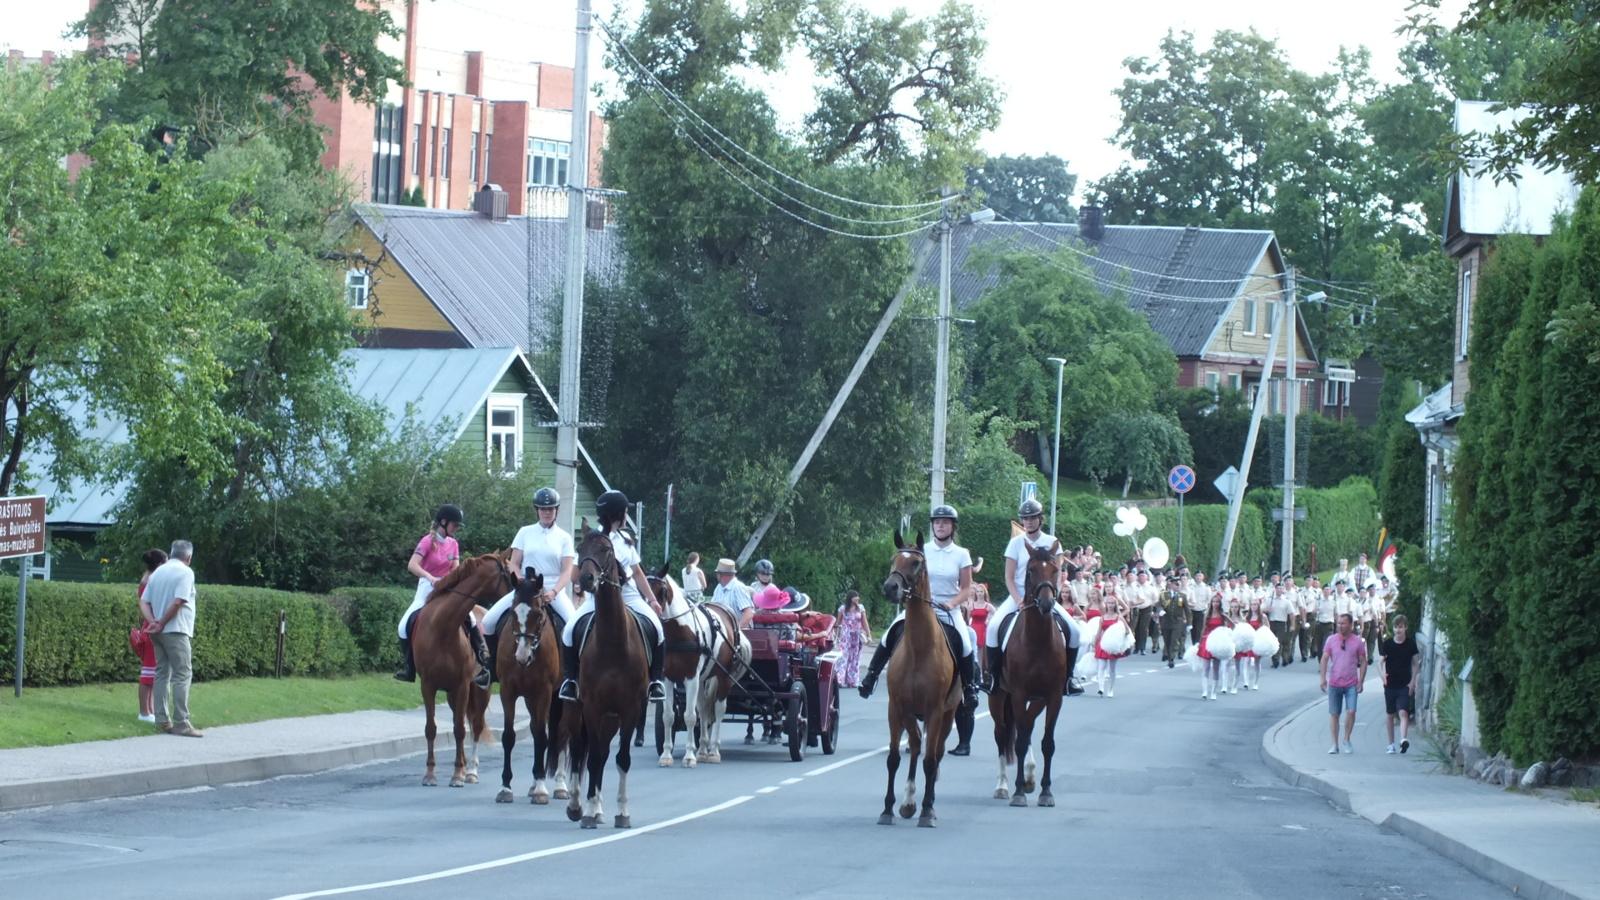 Kaimynai kviečia į miesto šventę!